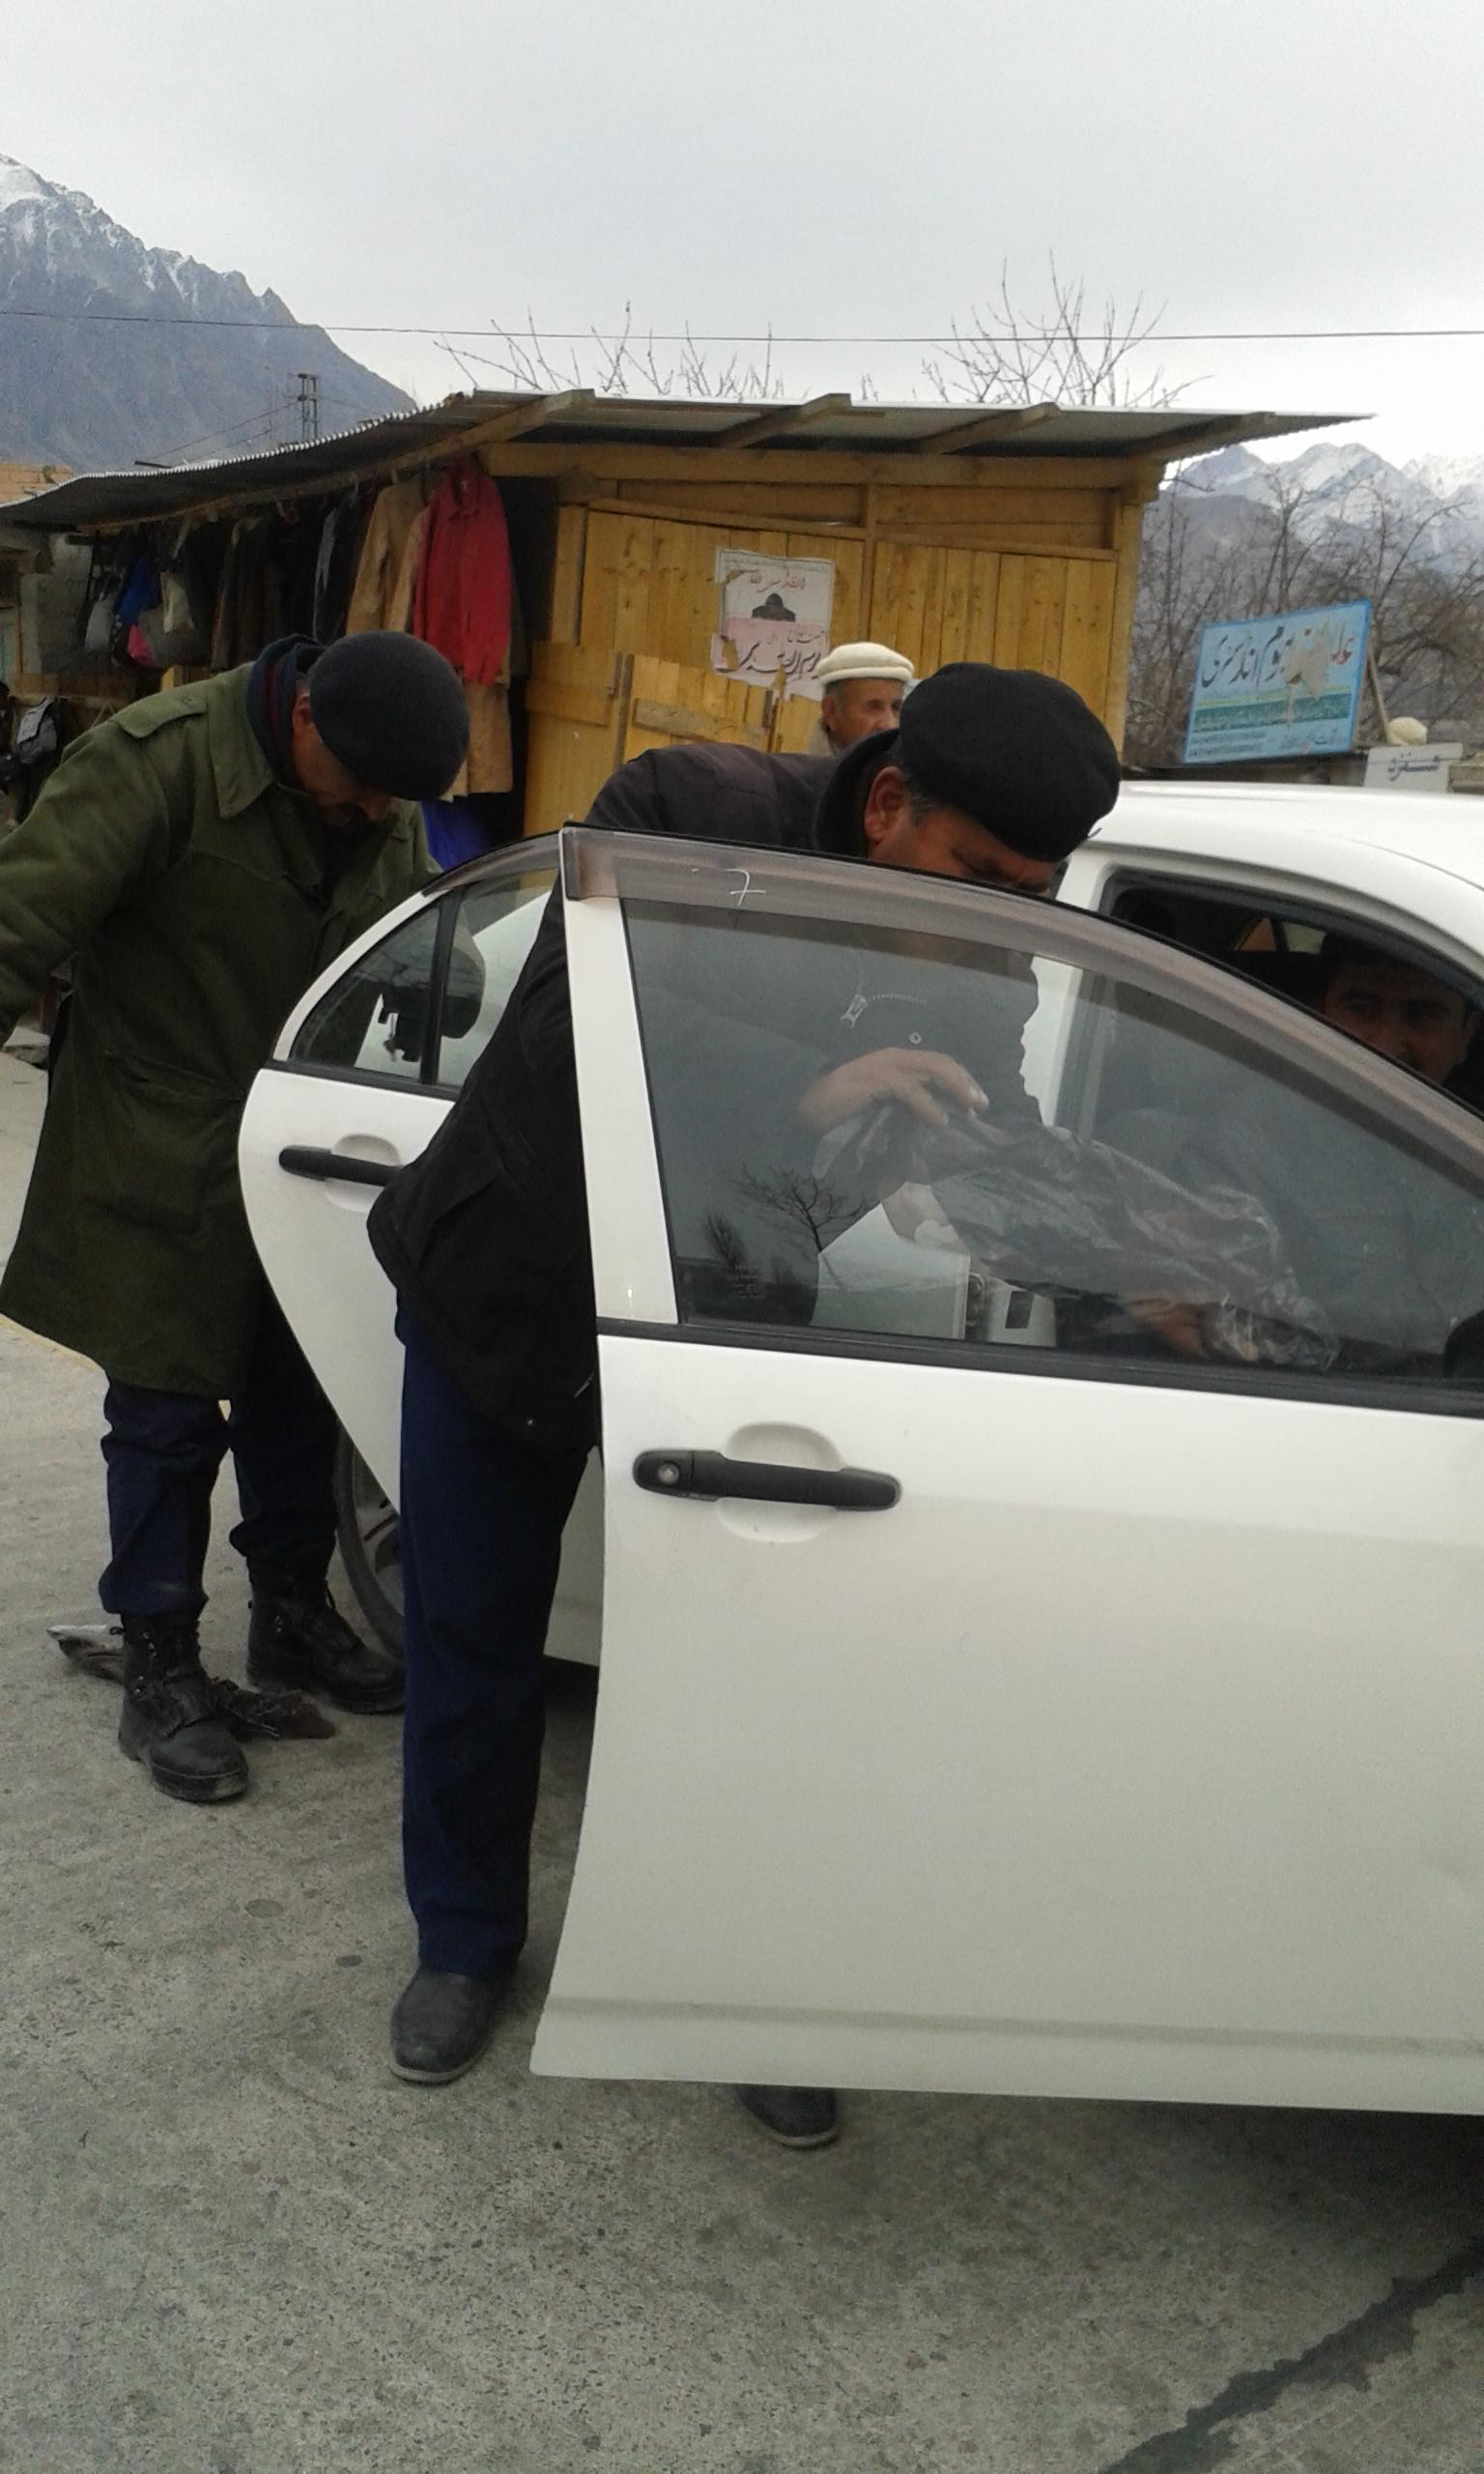 ہنزہ نگر پولیس نے گاڑیوں سے کالے شیشے اتارنا شروع کر دیا، سیکیورٹی الرٹ